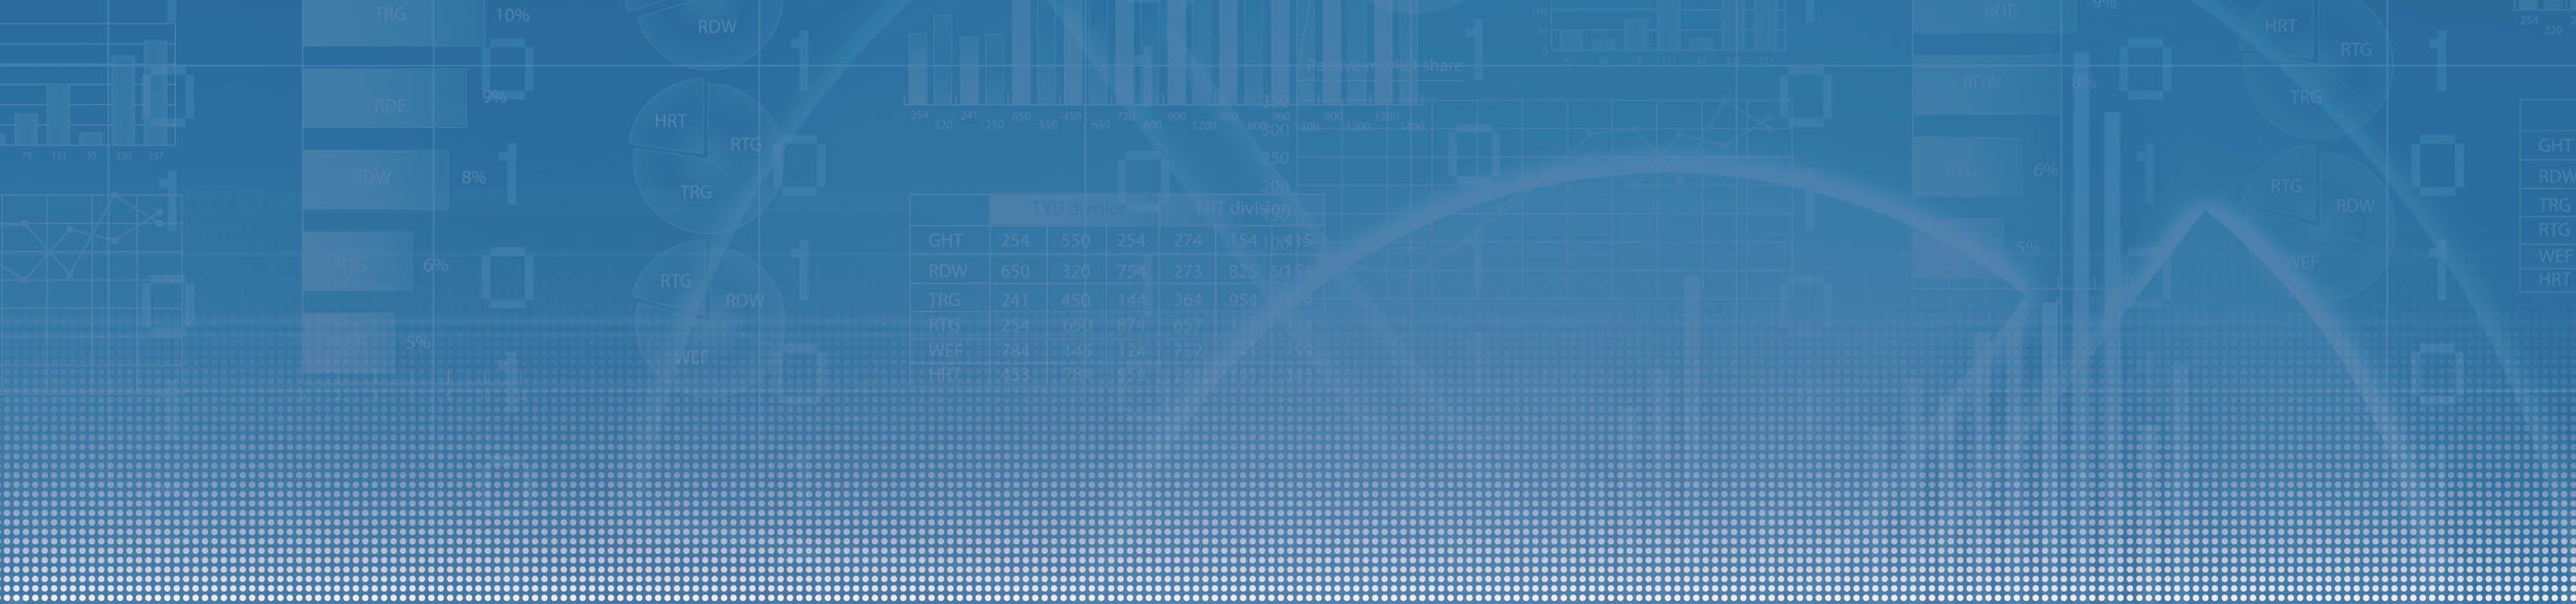 Enterprise Data Management (EDM)